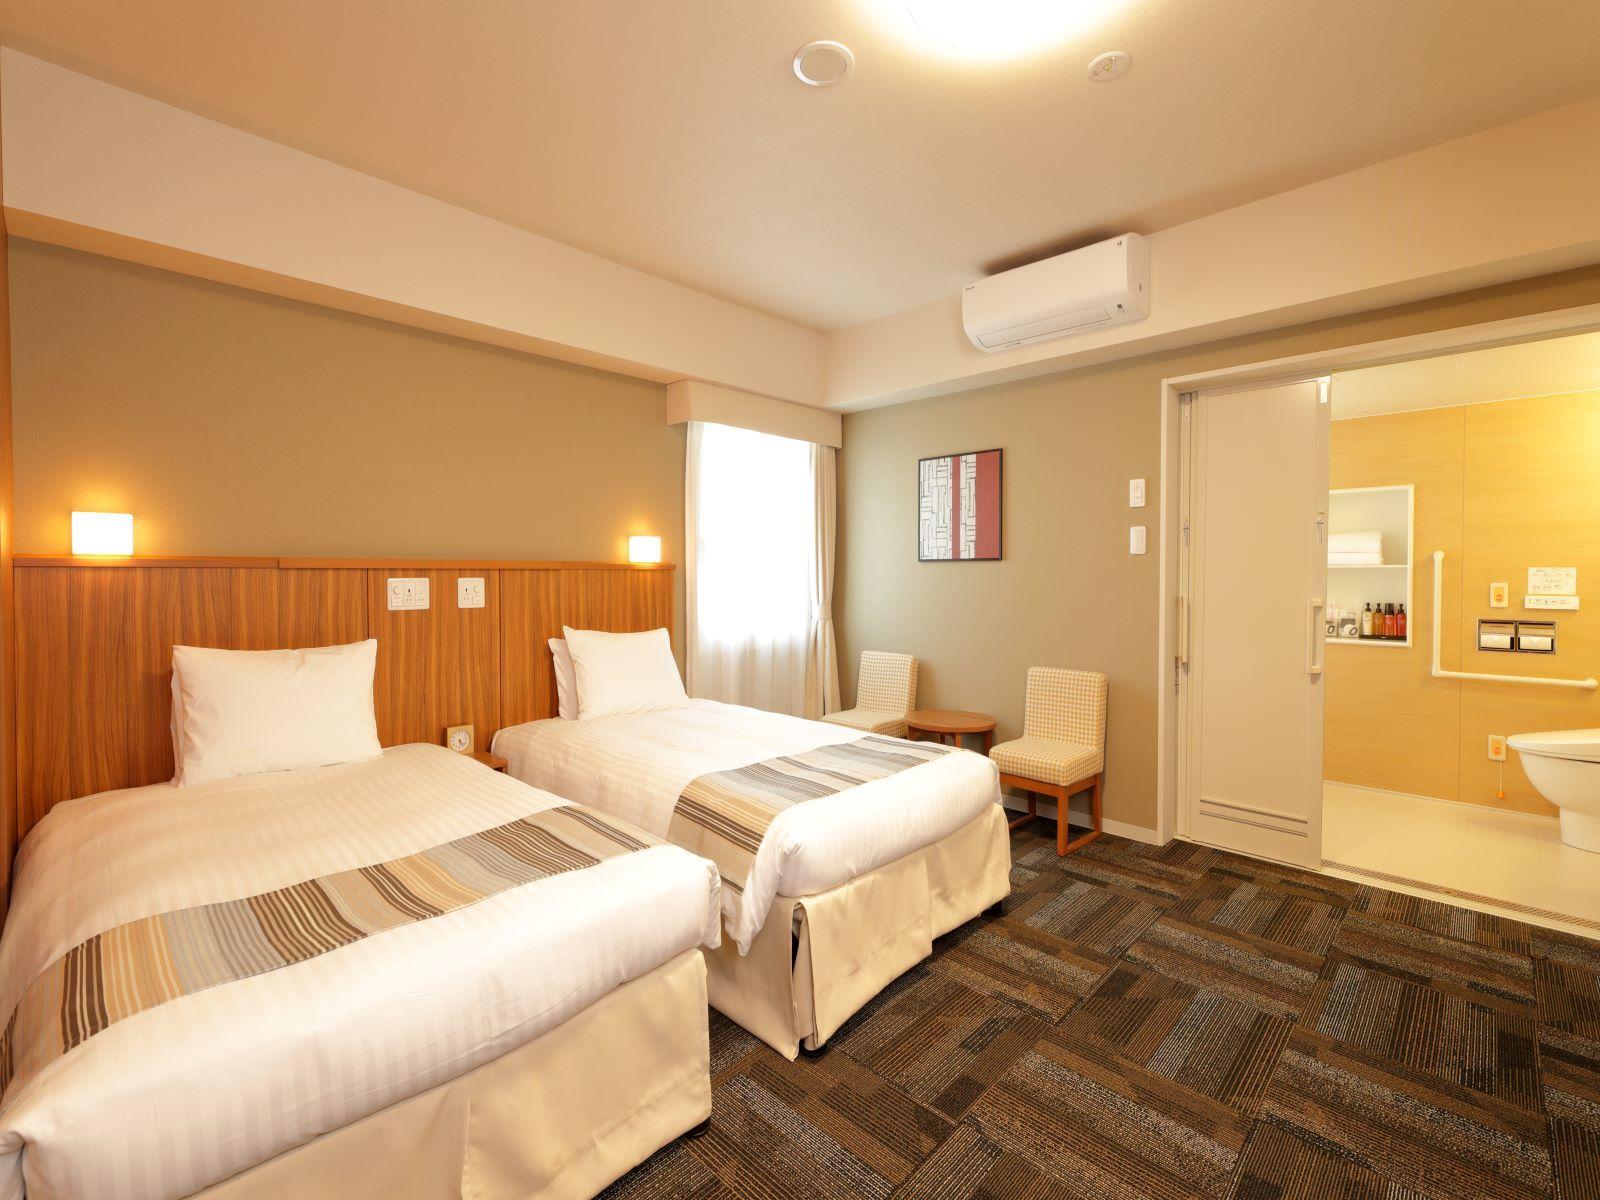 日和ホテル舞浜 / デラックスツインルーム 30平米 ■禁煙 【バリアフリー対応】